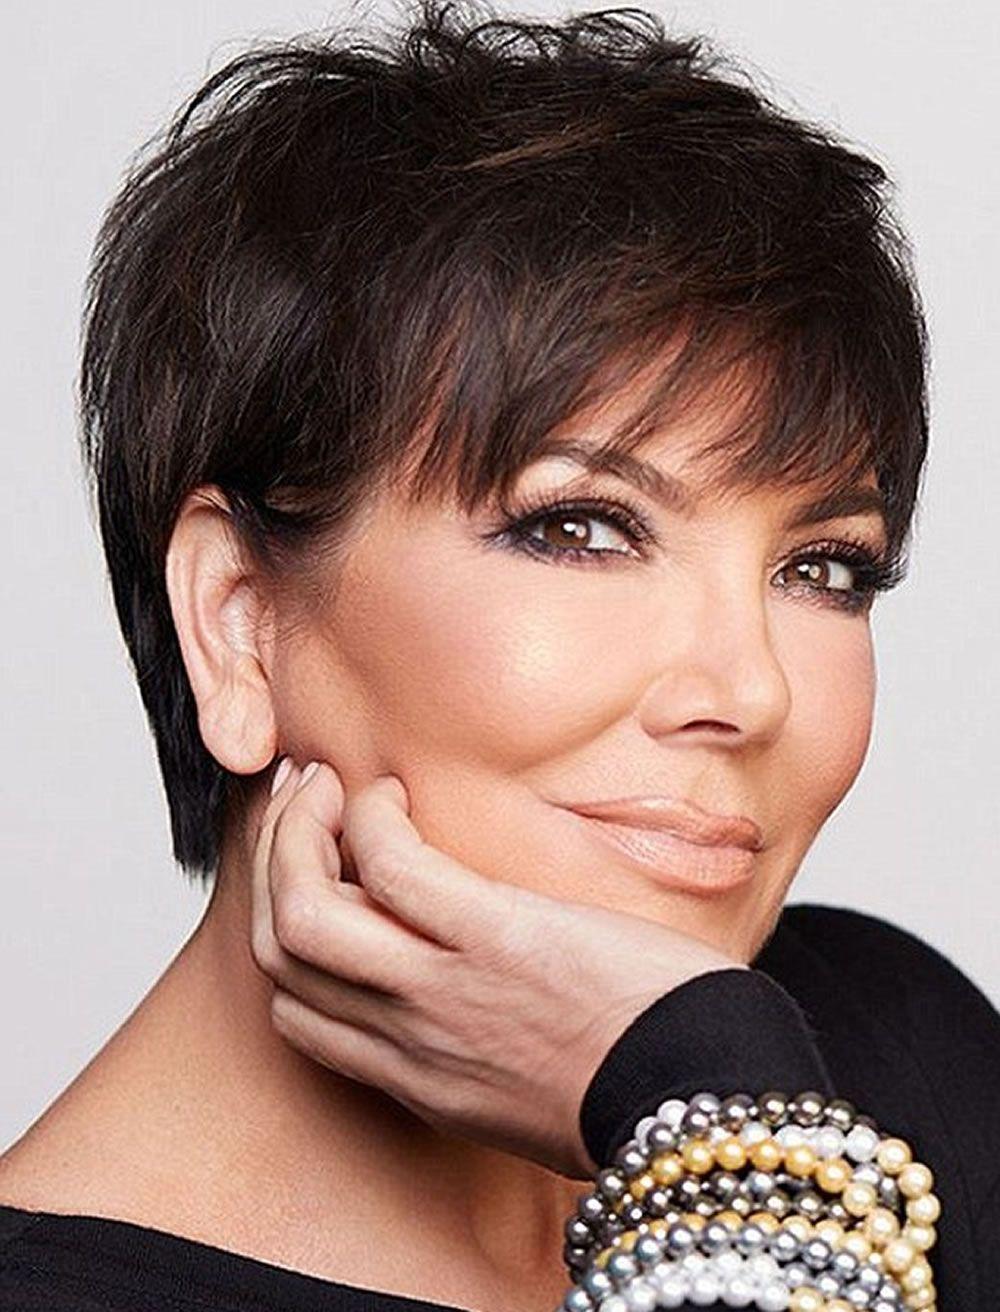 Altere Frauen Frisuren 2018 Altere Frauen Frisuren Hair Cuts